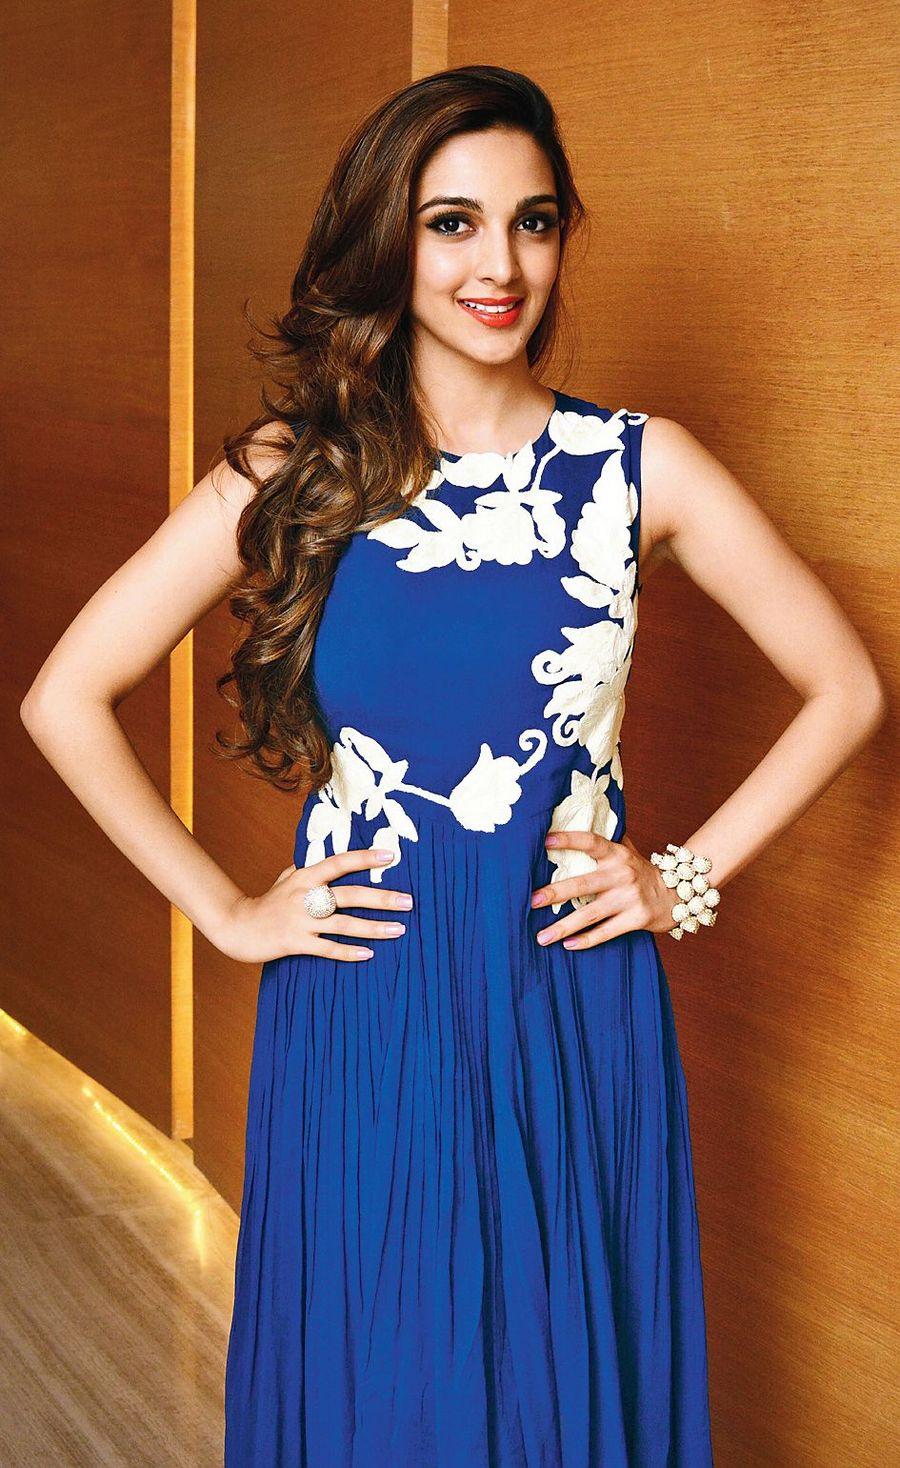 Kiara advani blue dress pics